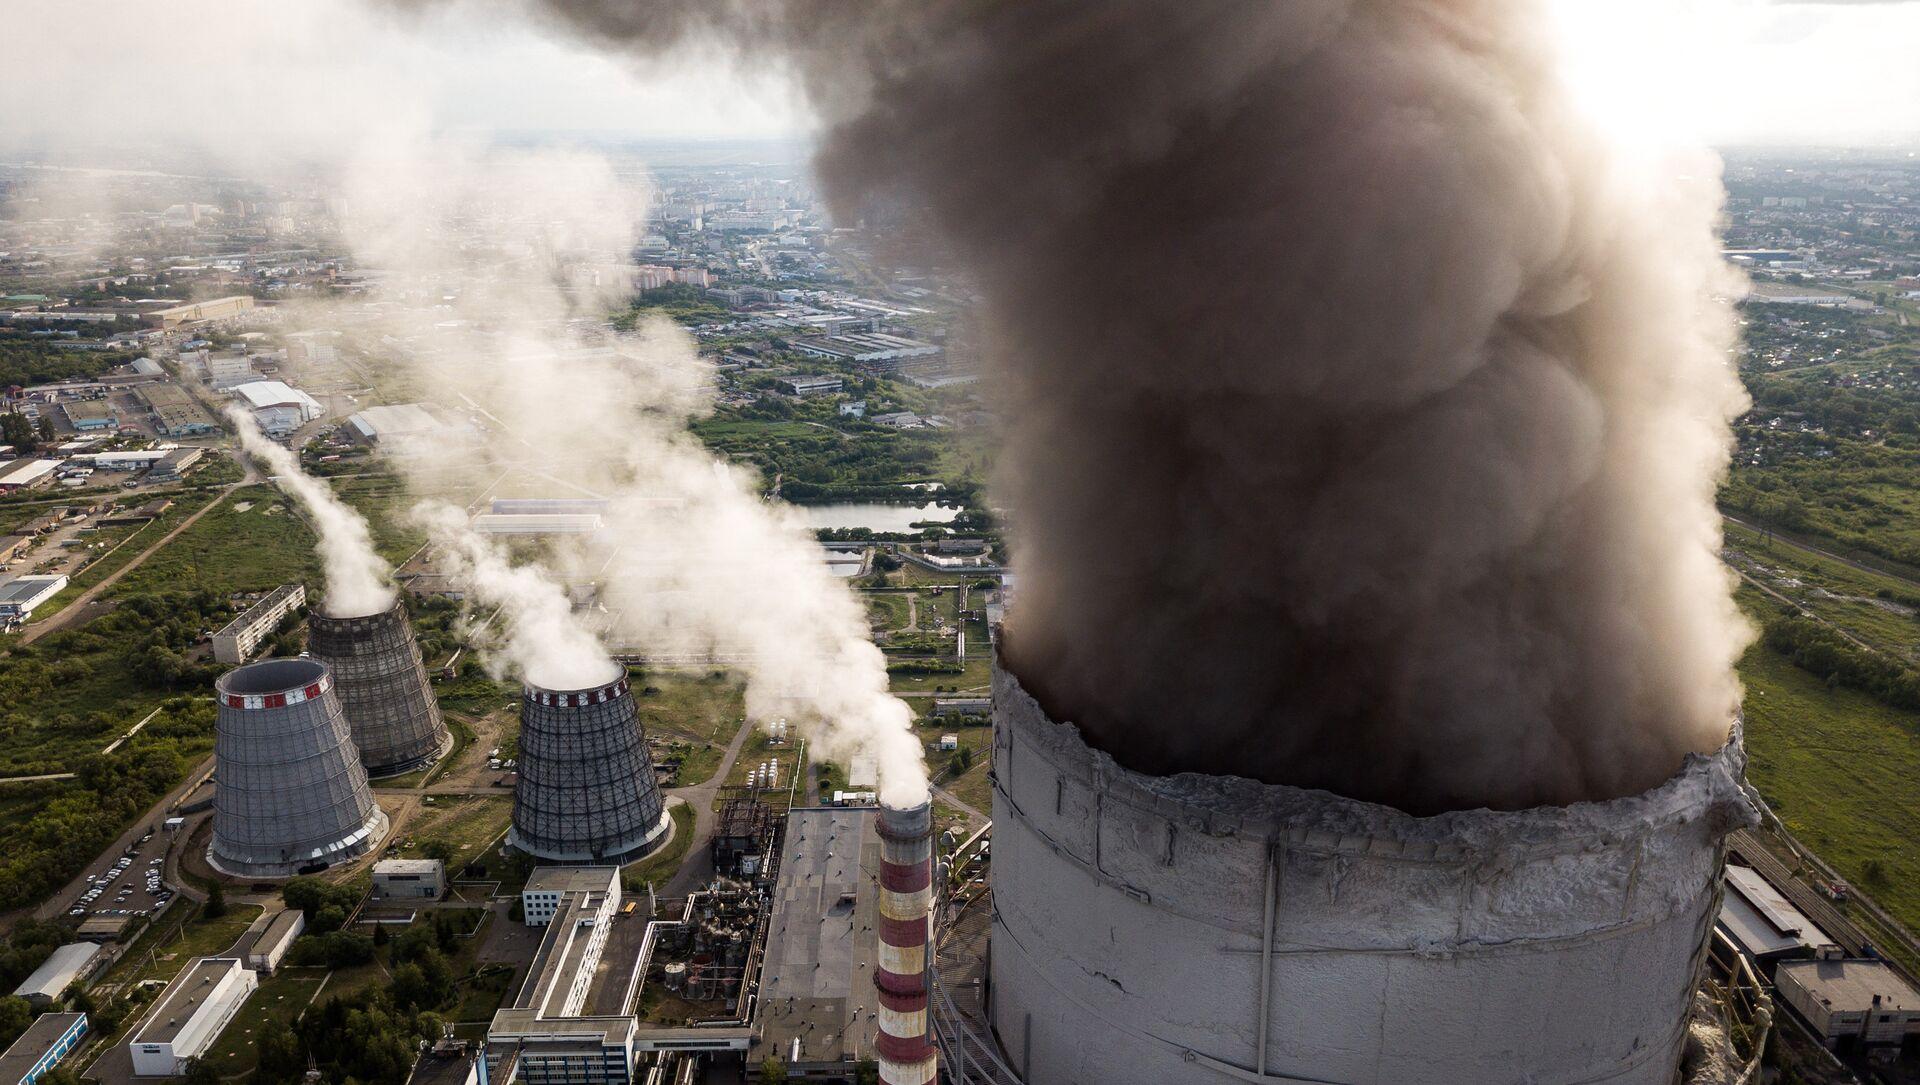 Dimnjaci termoelektrane u Omsku - Sputnik Srbija, 1920, 07.02.2021